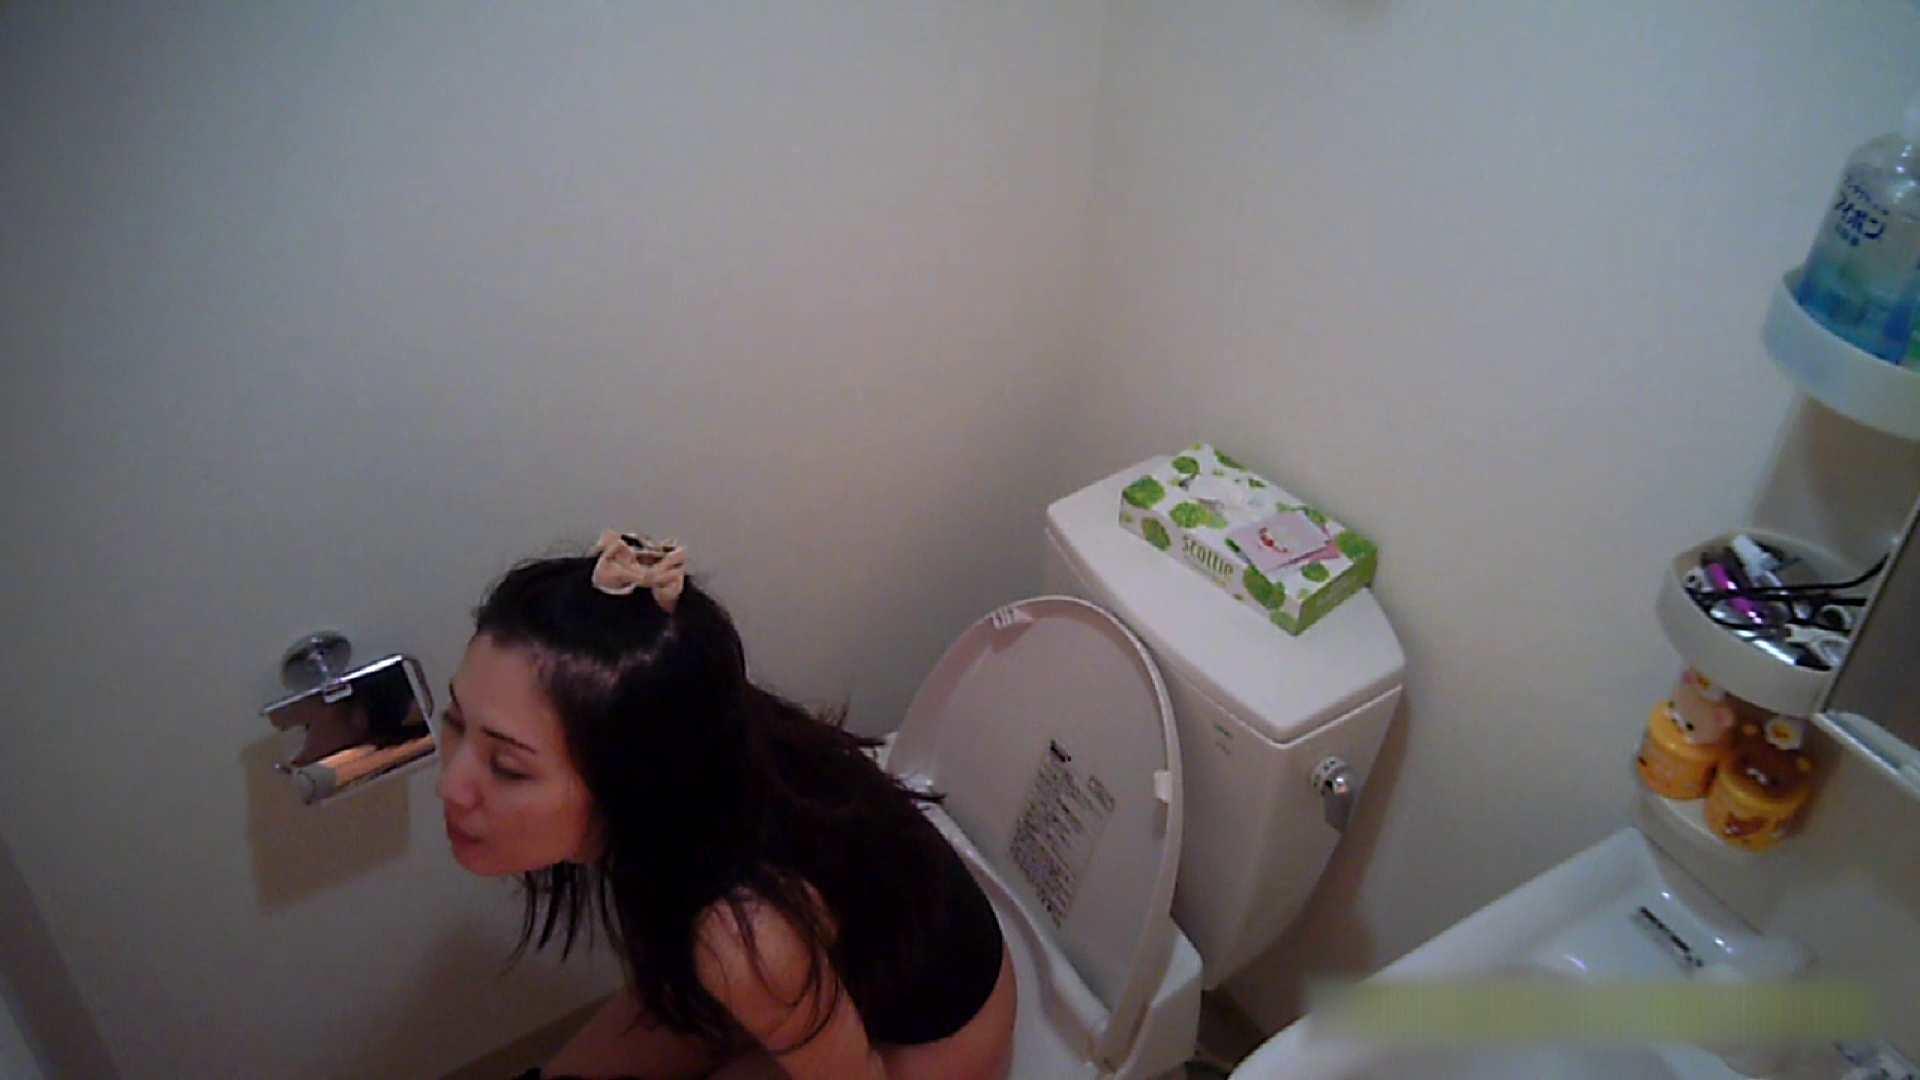 清楚な顔してかなり敏感なE子25歳(仮名)Vol.05 裸でトイレ編 美肌 えろ無修正画像 105画像 58